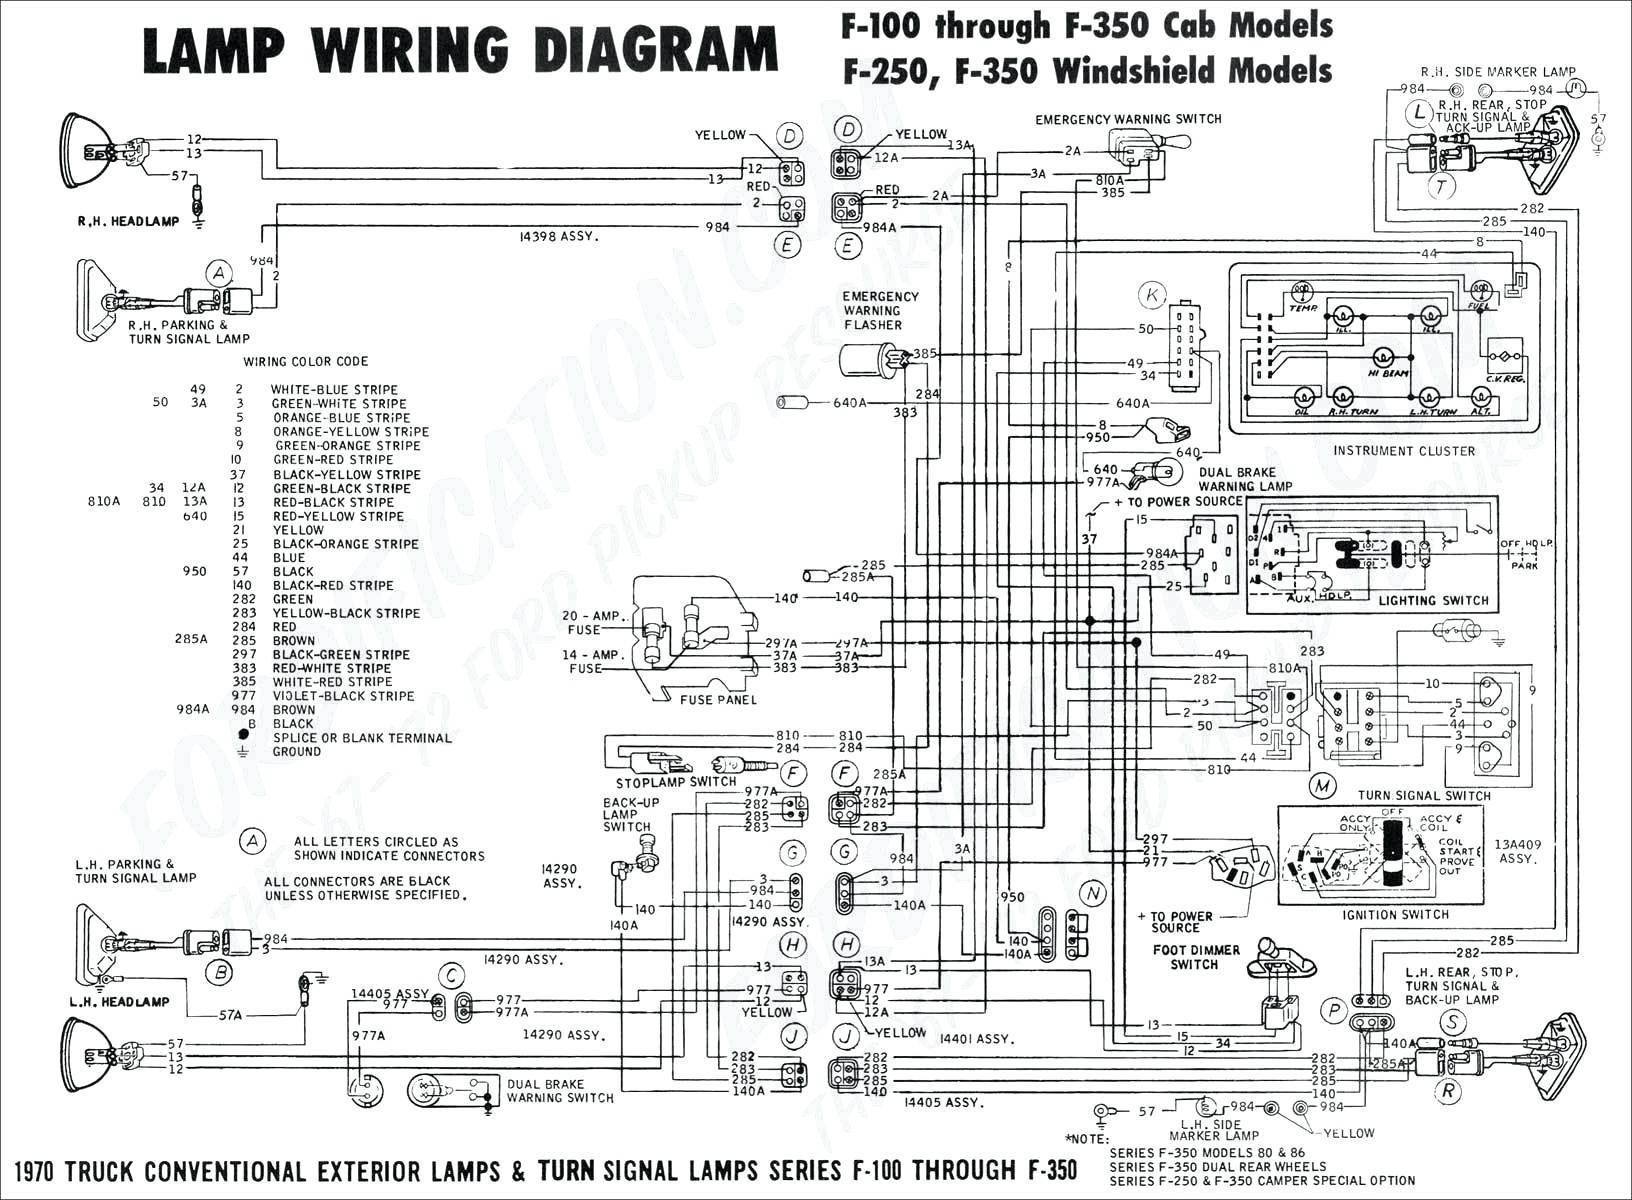 dodge neon engine diagram 2000 neon tail light wiring diagram wire center  u2022  u2013 my wiring diagram